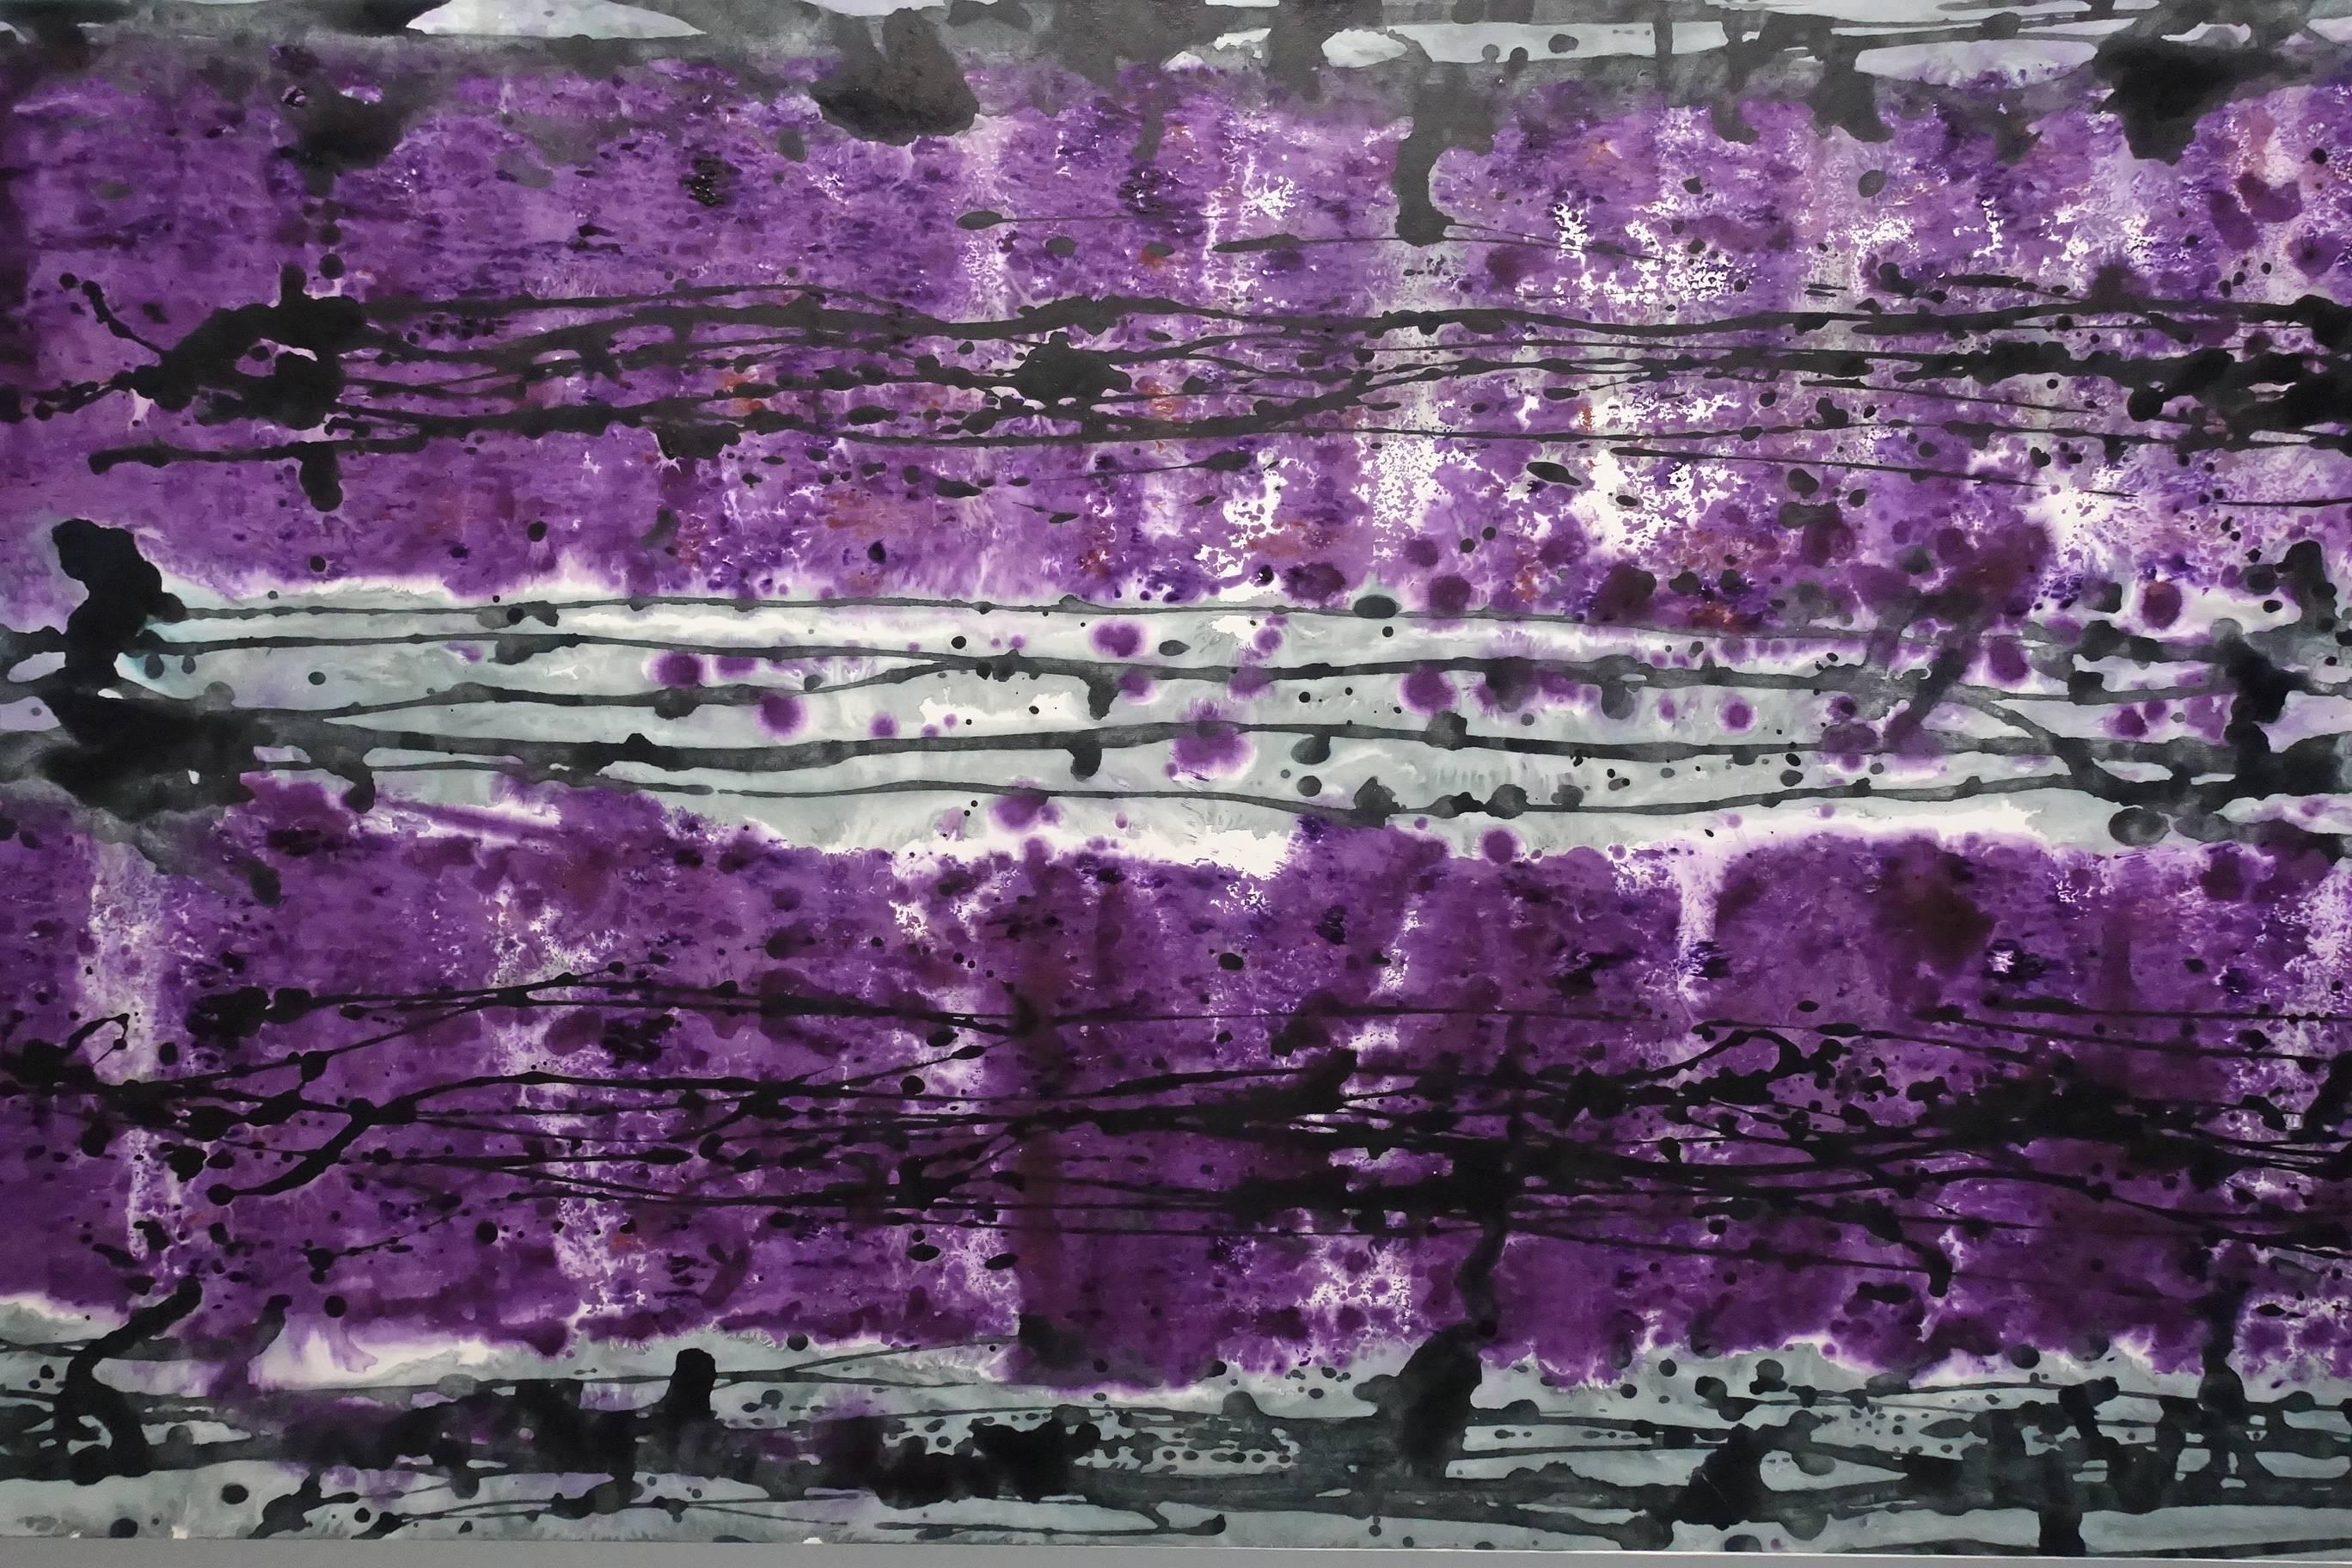 林莎作品《紫砂相映》局部。